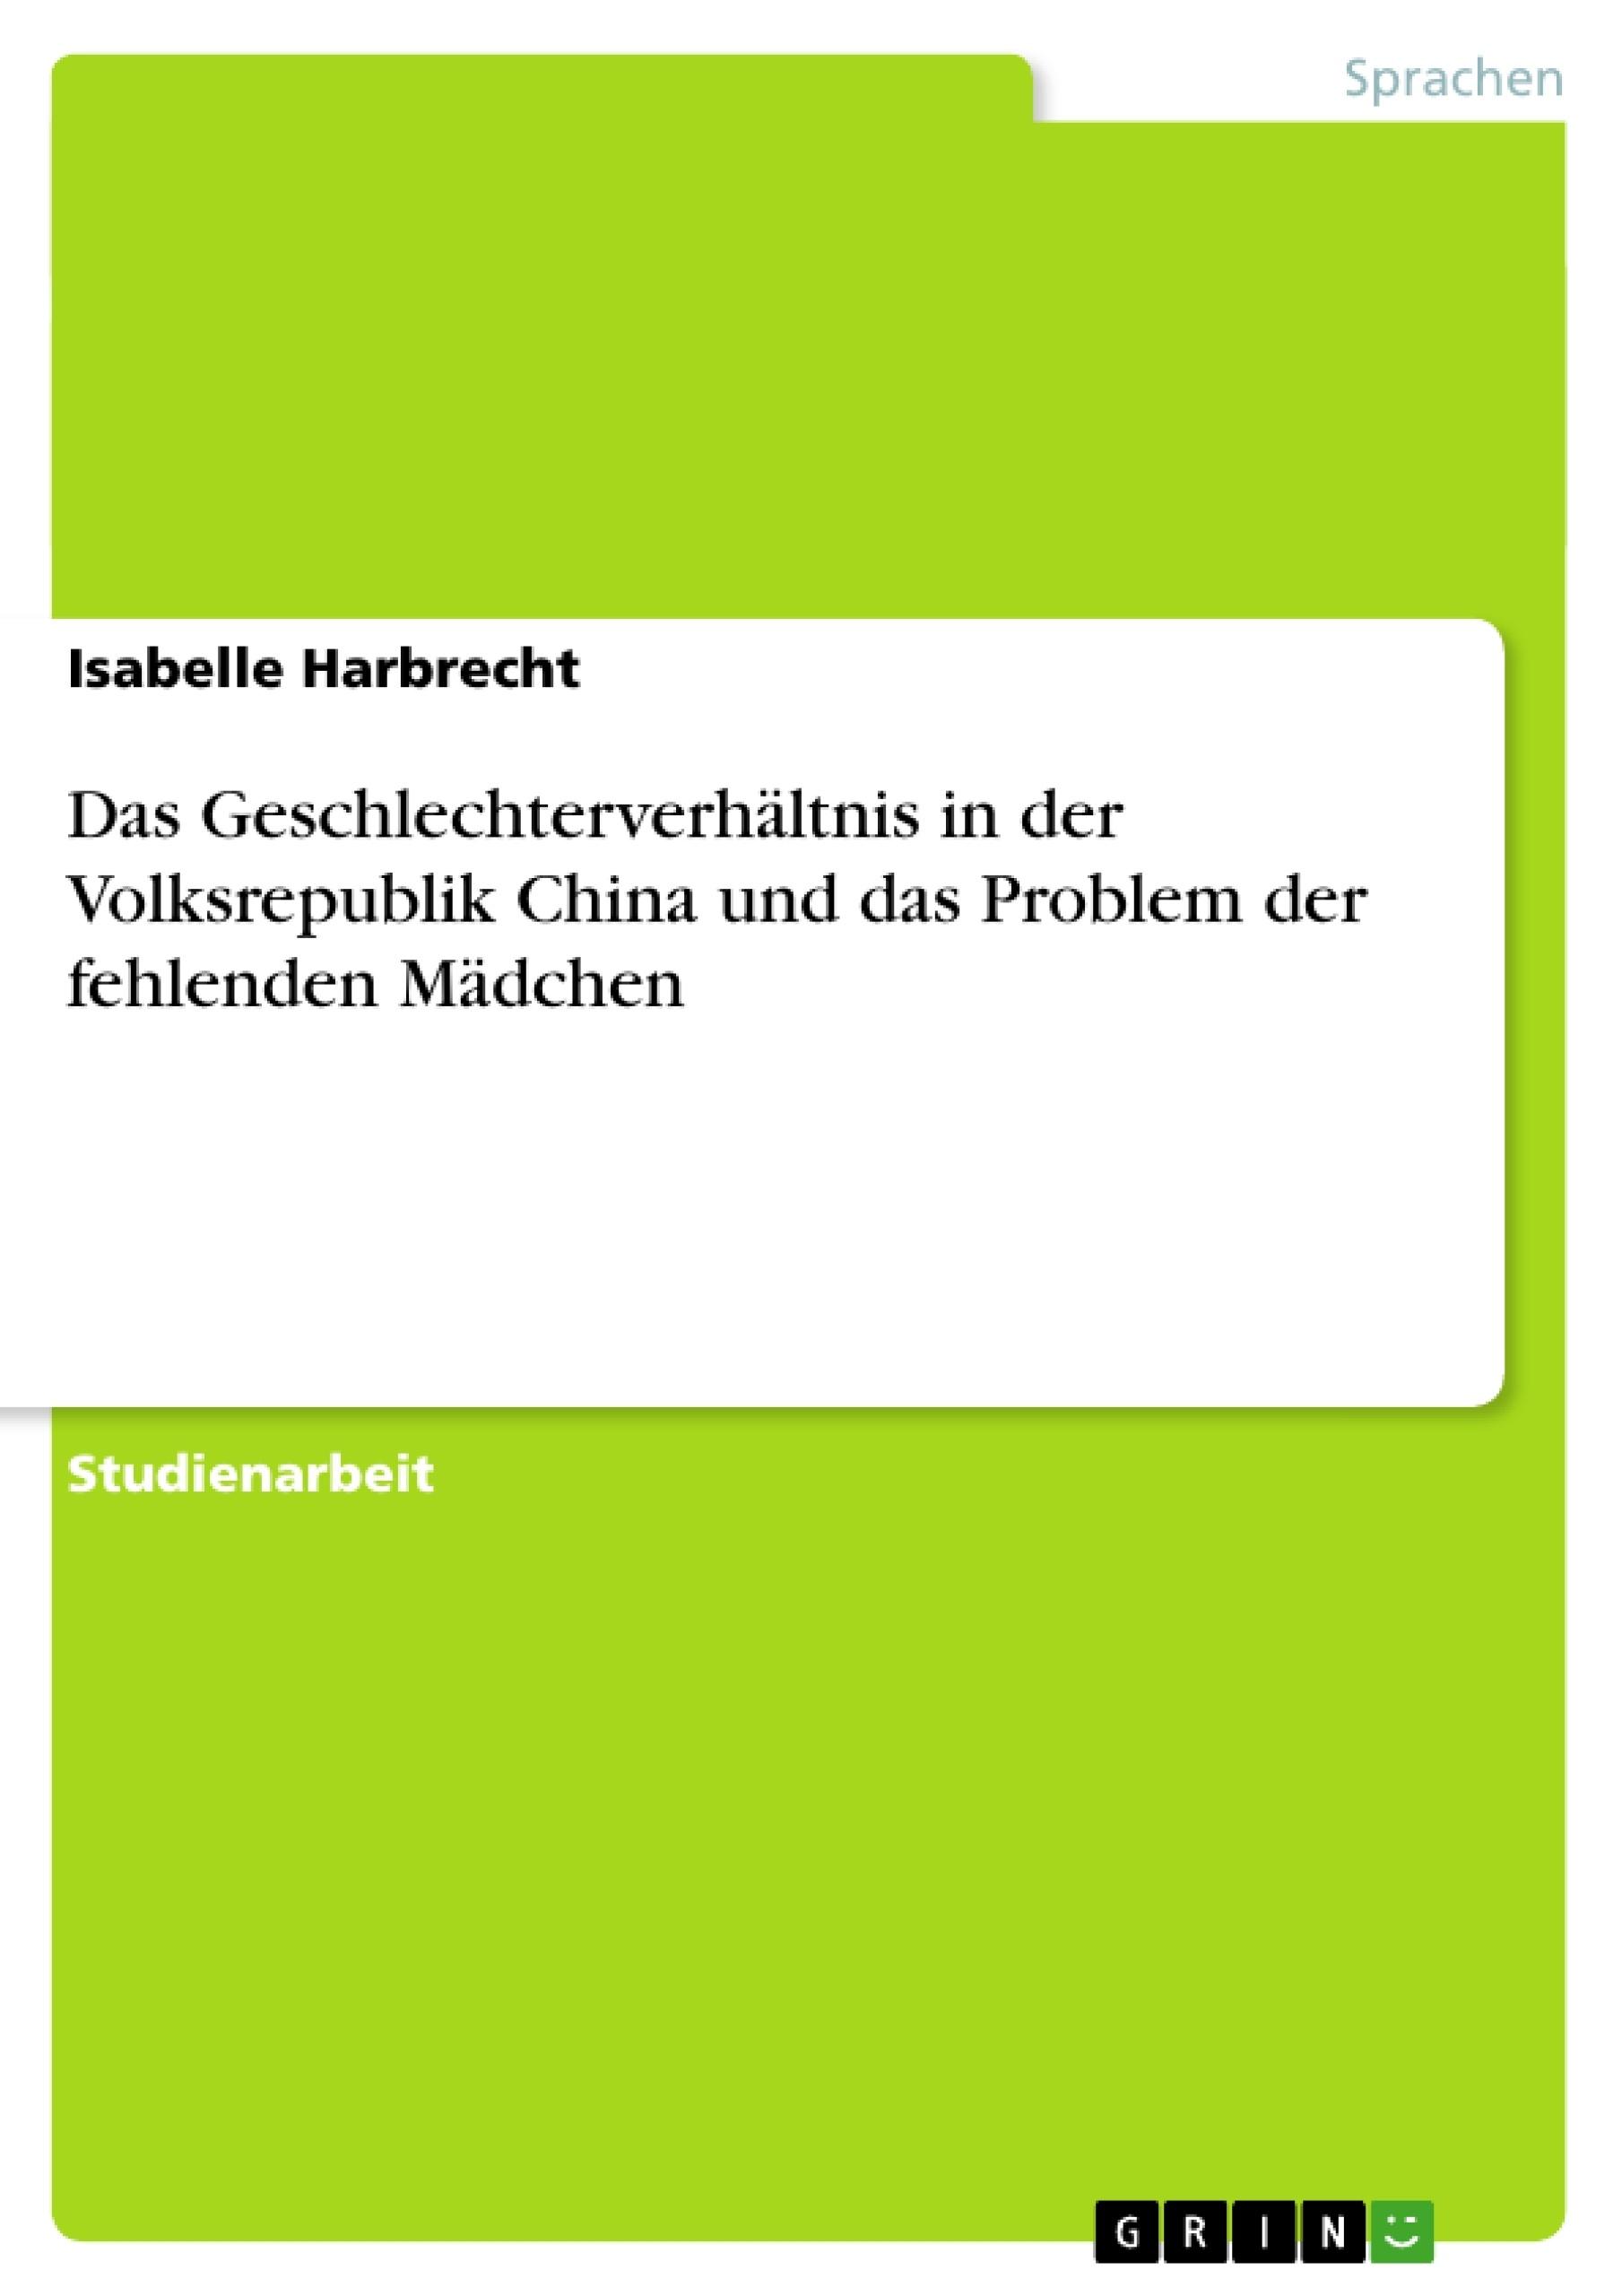 Titel: Das Geschlechterverhältnis in der Volksrepublik China und das Problem der fehlenden Mädchen